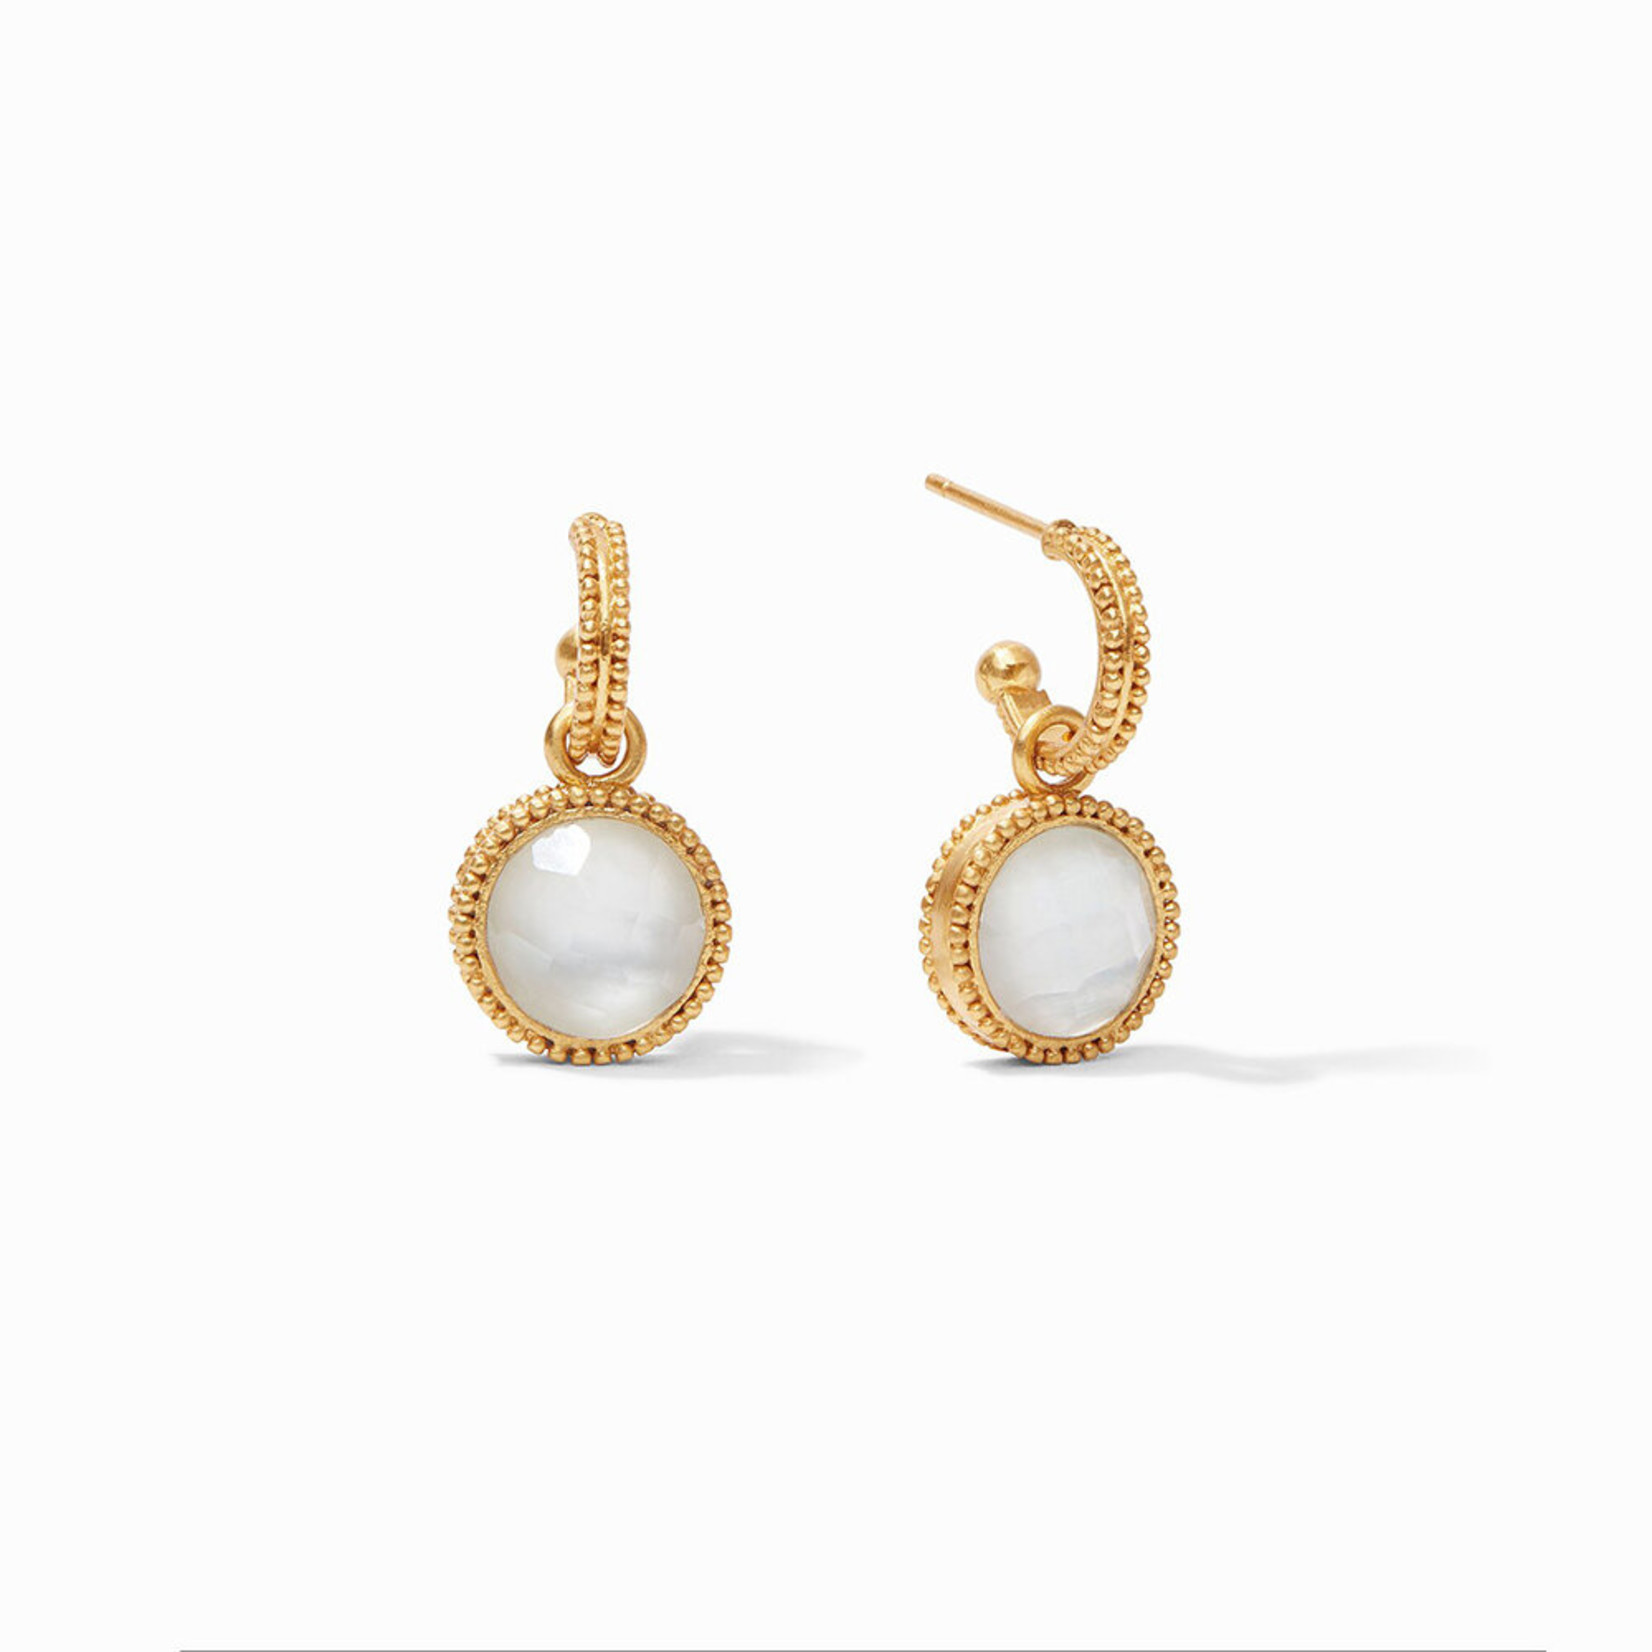 Julie Vos Fleur-de-Lis Hoop & Charm Earring